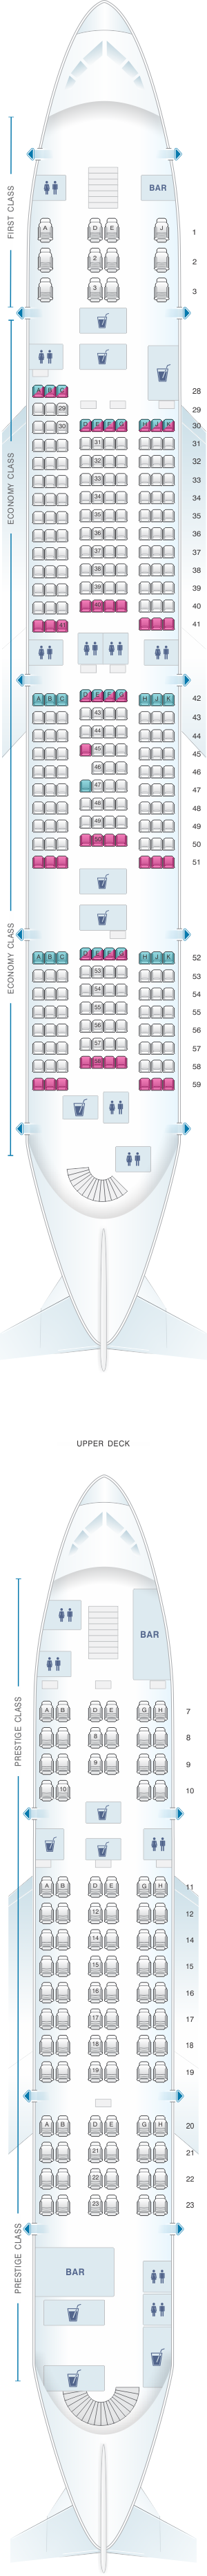 Seat map for Korean Air Airbus A380 800 399PAX